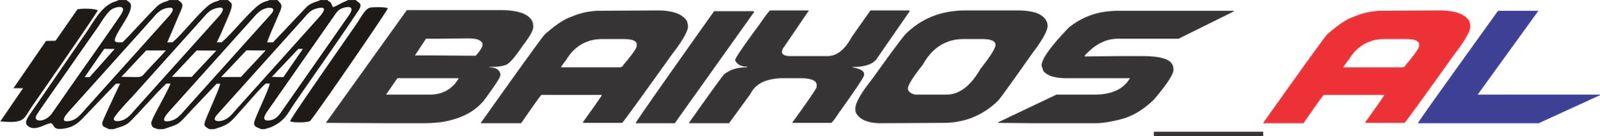 Baixos_AL promove o I Encontro Beneficente de carros customizados